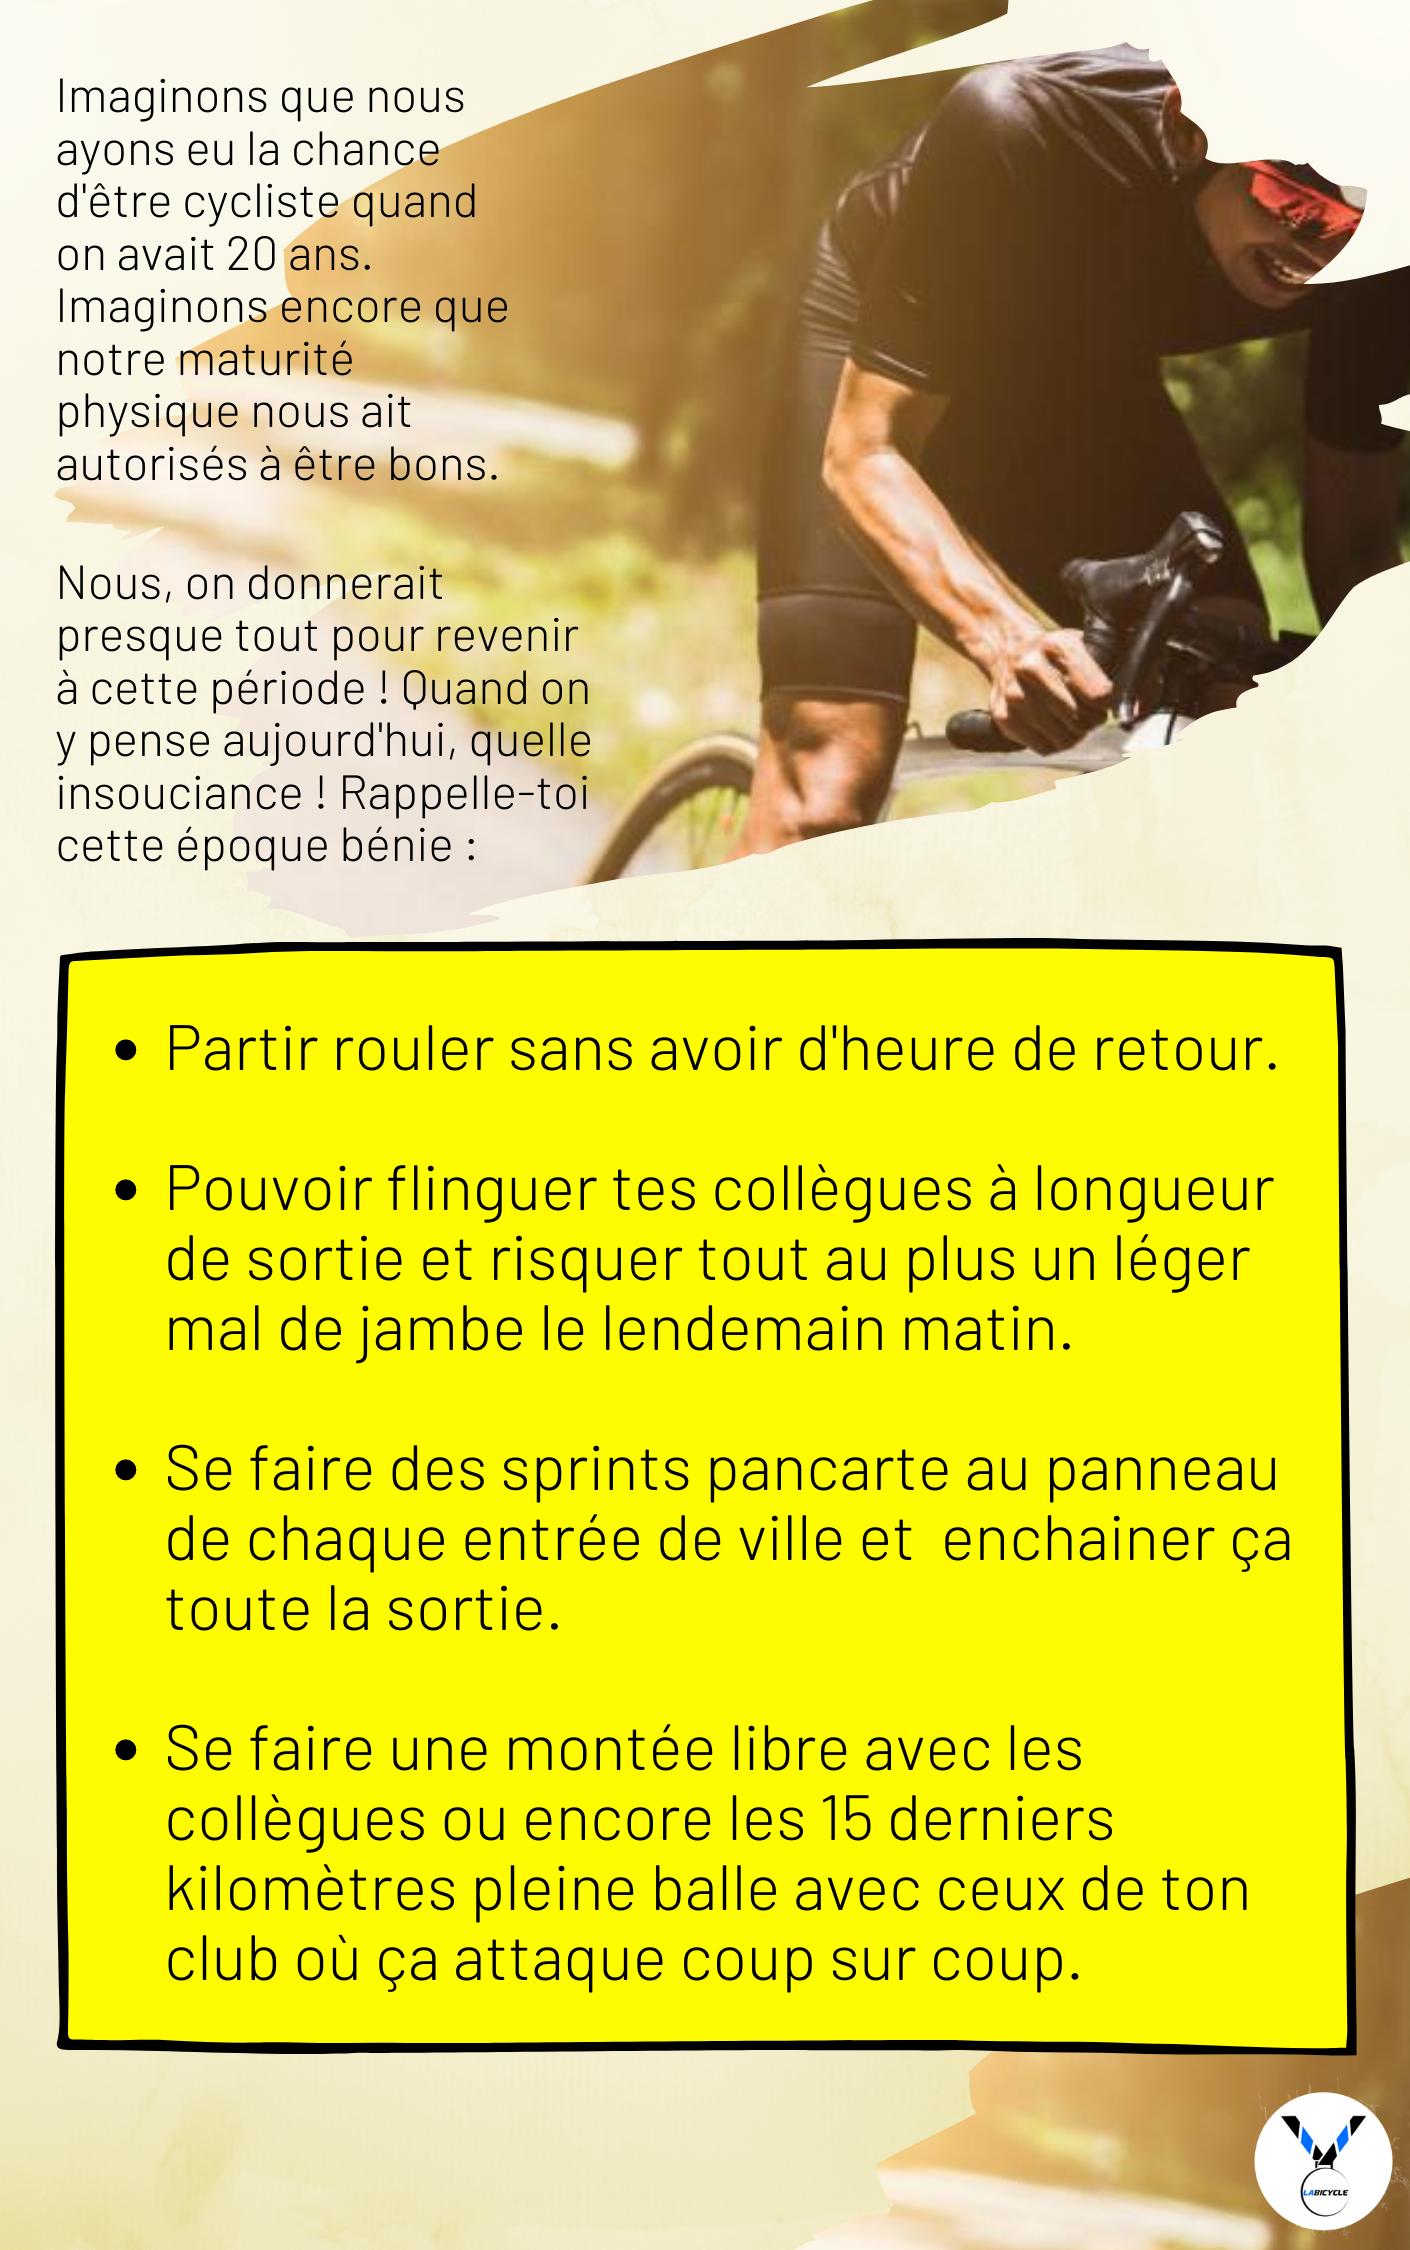 Maîtriser les changements de rythme cycliste